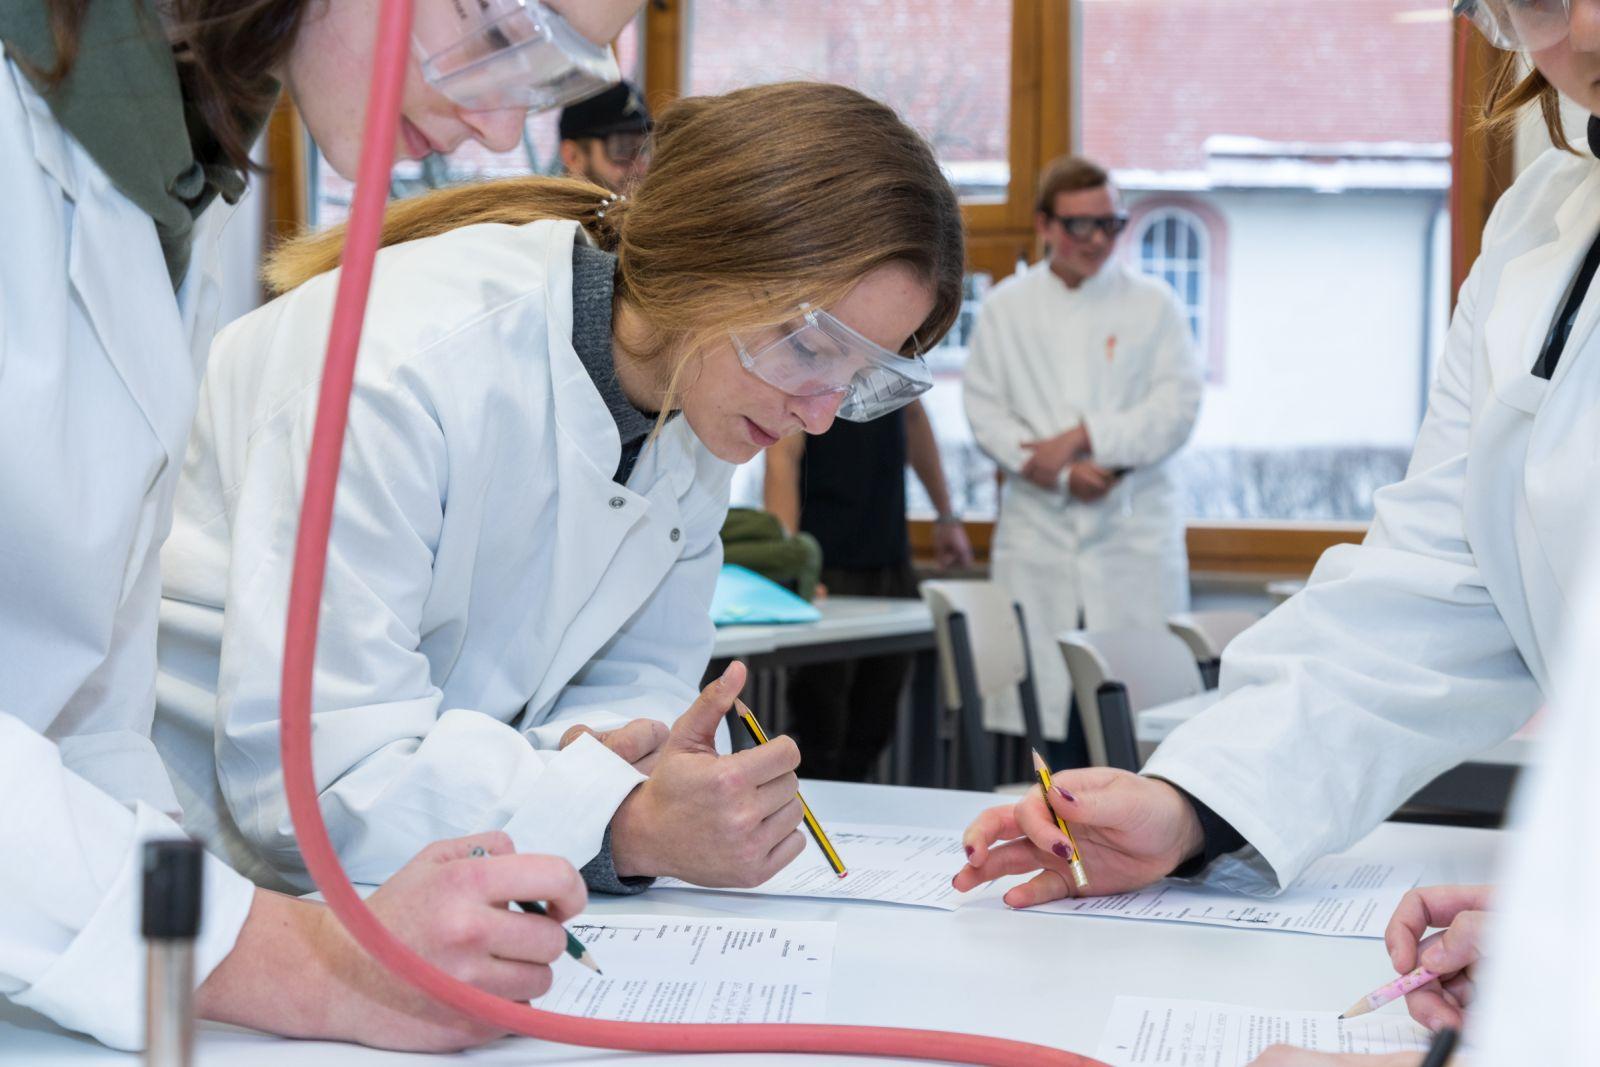 Chemieunterricht im Sozial- und Gesundheitswissenschaftlichen Gymnasium. Foto: pm